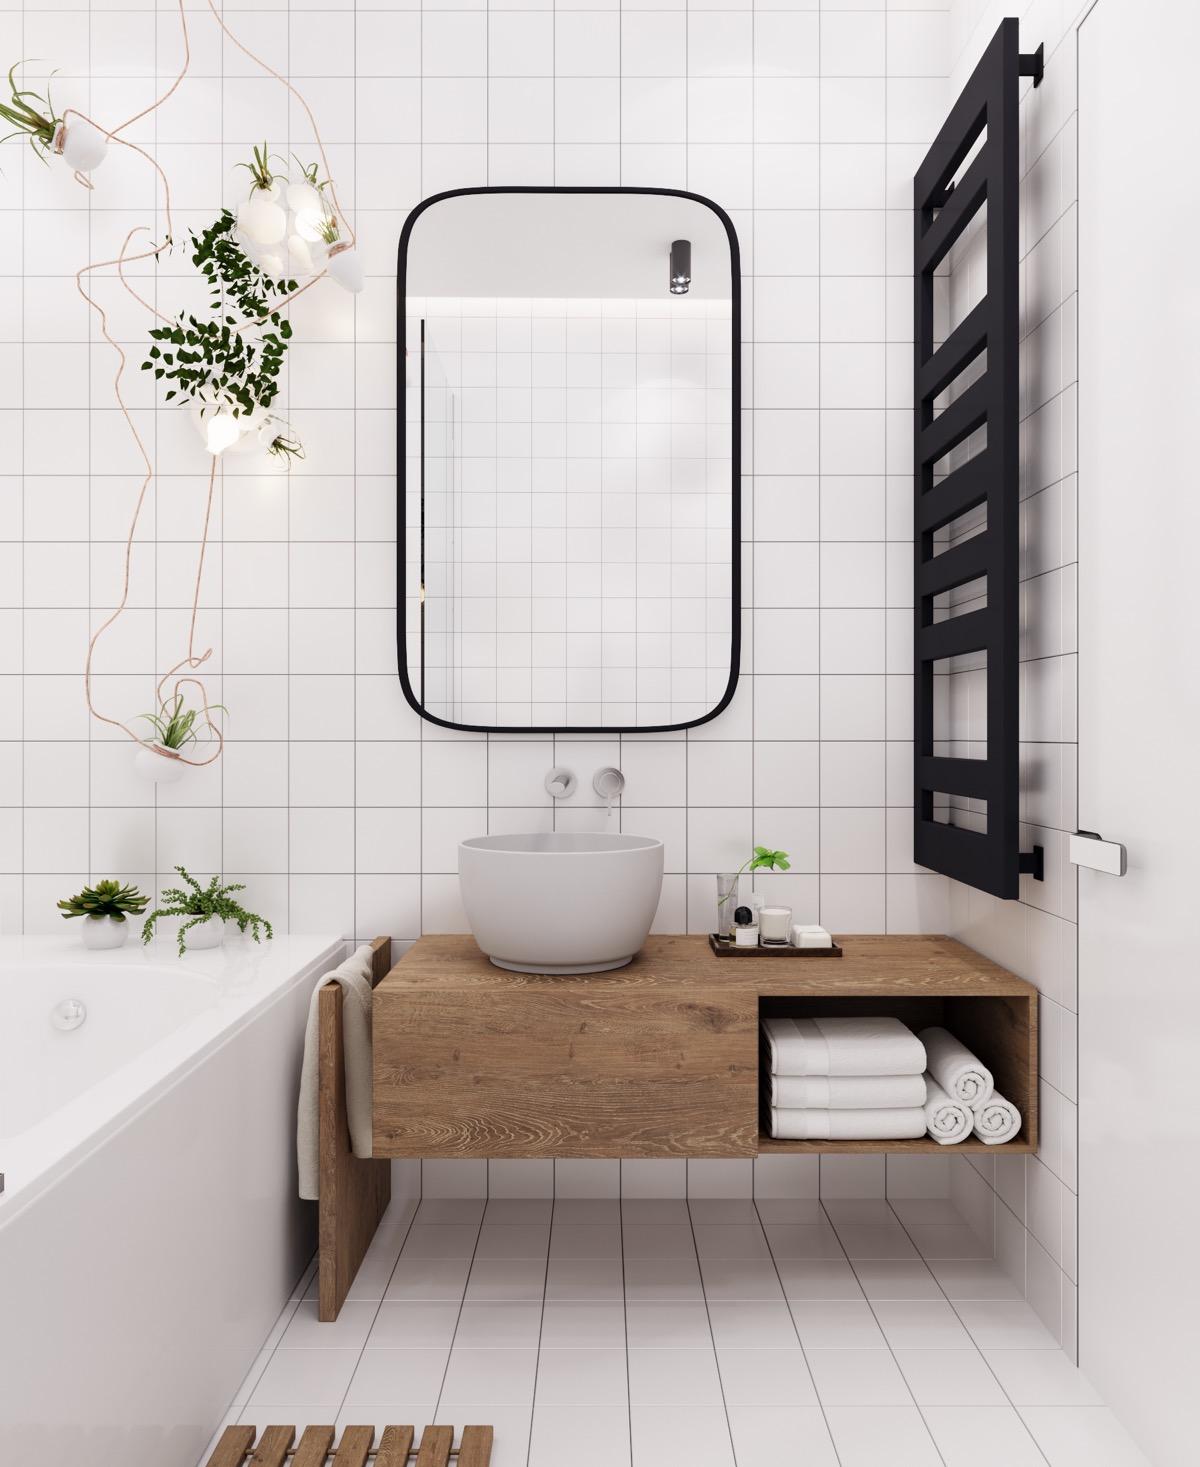 rustic-modern-bathroom-vanity